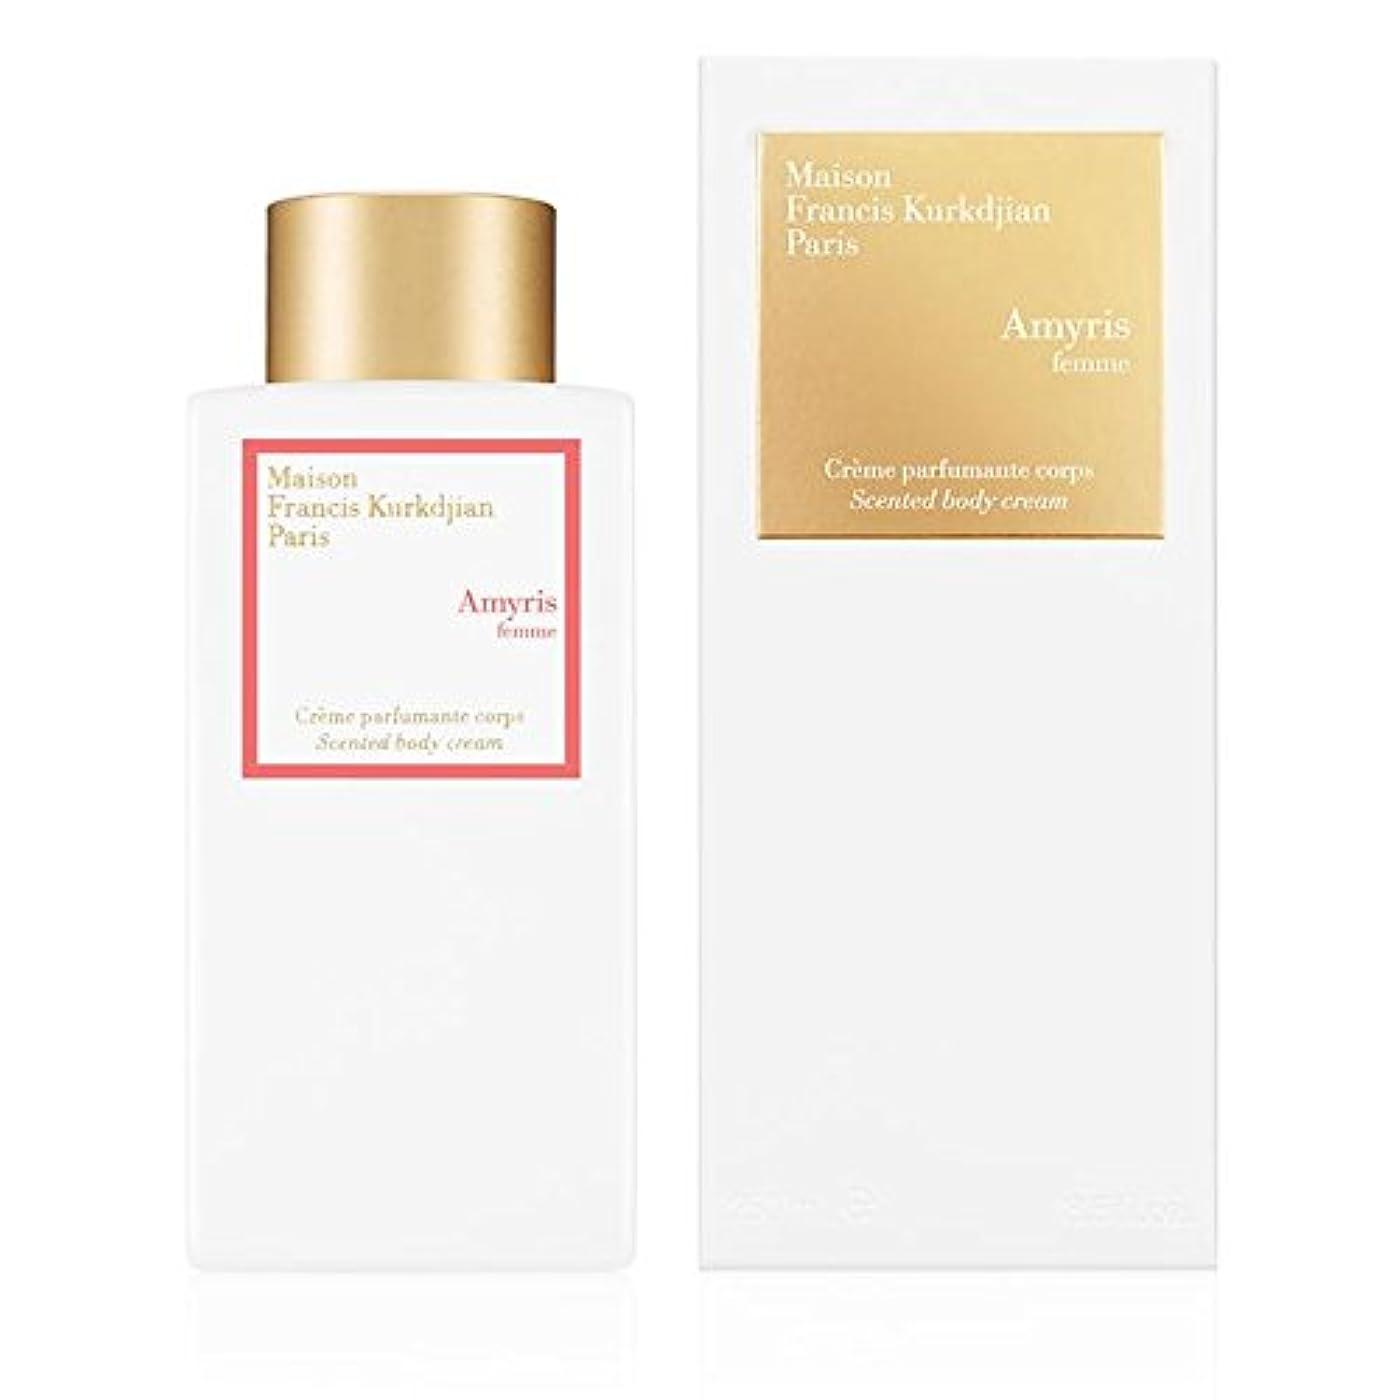 素人ビリーヤギペインメゾン フランシス クルジャン アミリス ファム センテッド ボディクリーム 250ml(Maison Francis Kurkdjian Amyris Femme Scented Body Cream 250ml)[海外直送品...